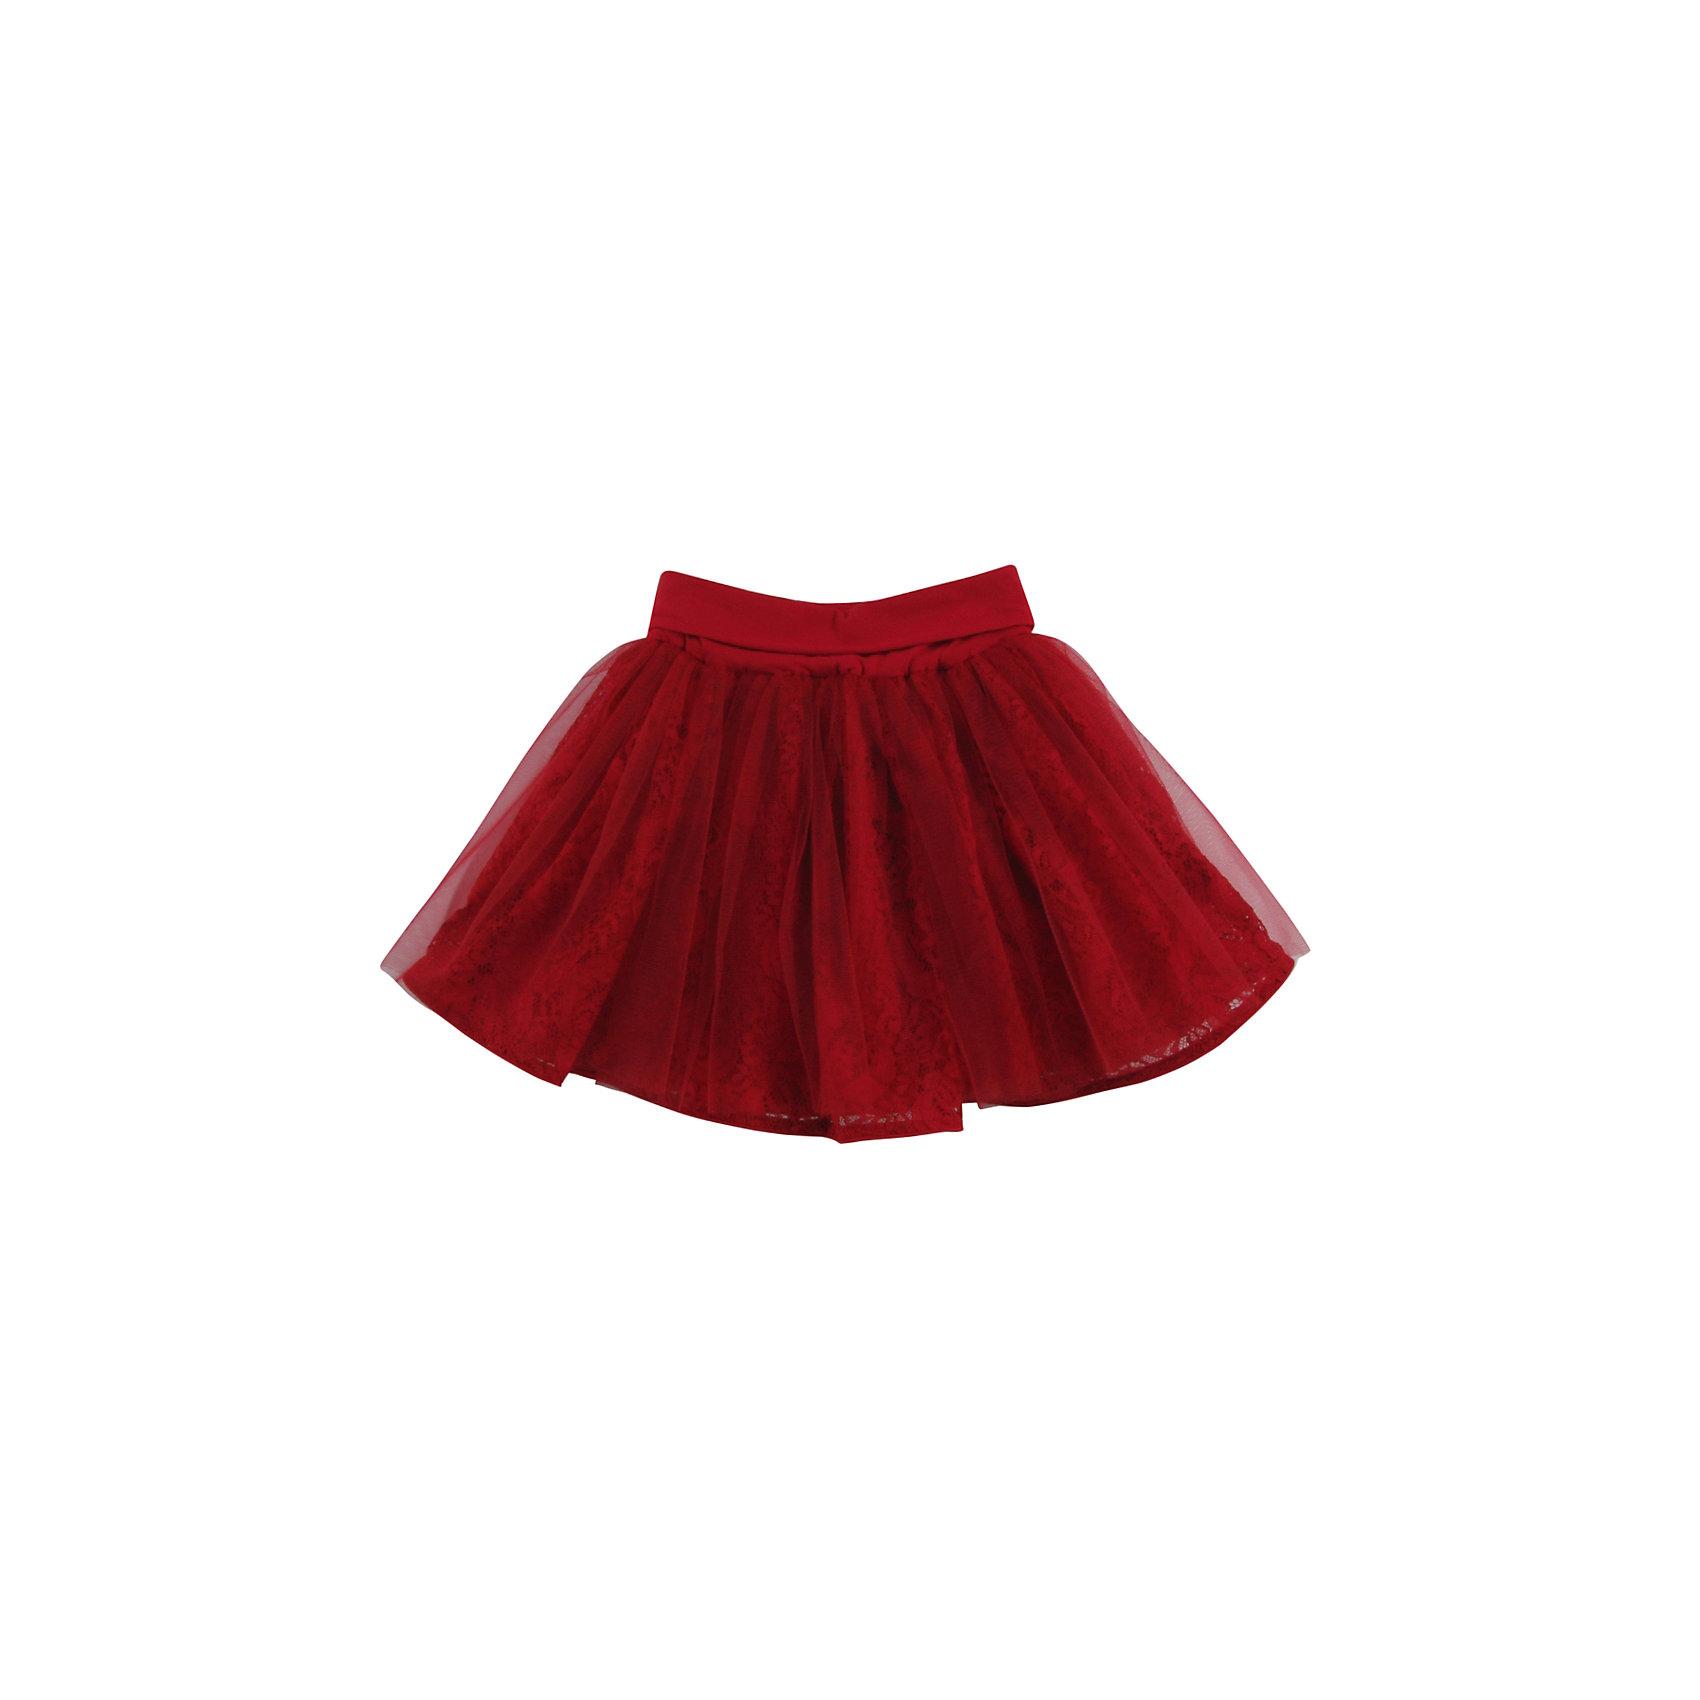 Юбка для девочки WojcikЮбки<br>Характеристики товара:<br><br>• цвет: красный<br>• состав ткани: 90% вискоза, 10% полиамид <br>• сезон: лето<br>• пояс: резинка<br>• страна бренда: Польша<br>• страна изготовитель: Польша<br><br>Такая стильная юбка для девочки Wojcik красиво сидит по фигуре. Эта юбка для детей - пышная и легкая. Одежда для детей из Польши от бренда Wojcik отличается хорошим качеством и стилем. <br><br>Юбку для девочки Wojcik (Войчик) можно купить в нашем интернет-магазине.<br><br>Ширина мм: 207<br>Глубина мм: 10<br>Высота мм: 189<br>Вес г: 183<br>Цвет: красный<br>Возраст от месяцев: 108<br>Возраст до месяцев: 120<br>Пол: Женский<br>Возраст: Детский<br>Размер: 140,128,134<br>SKU: 5588513